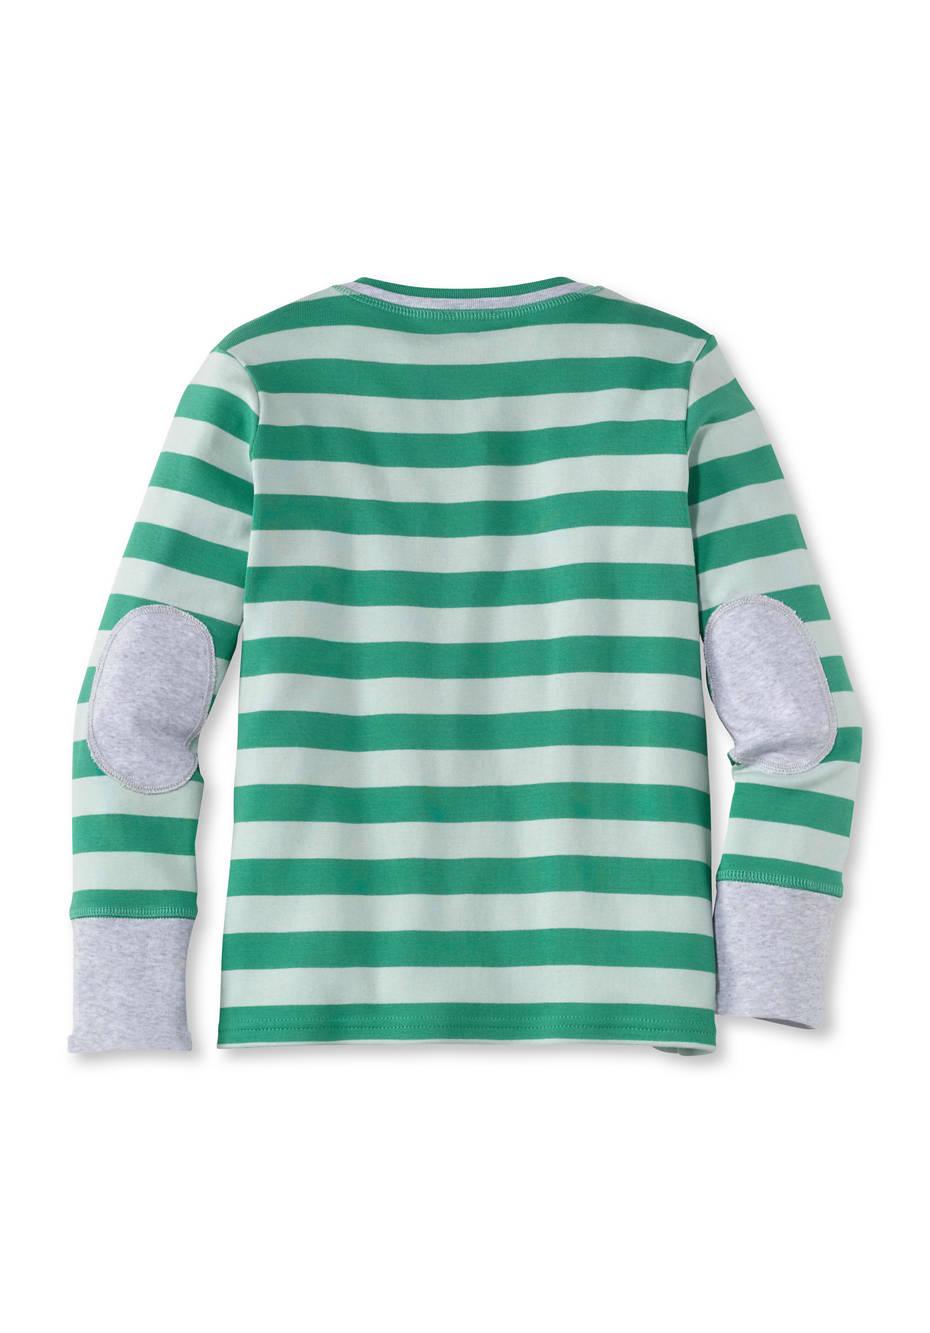 Geringeltes Shirt mit Patches